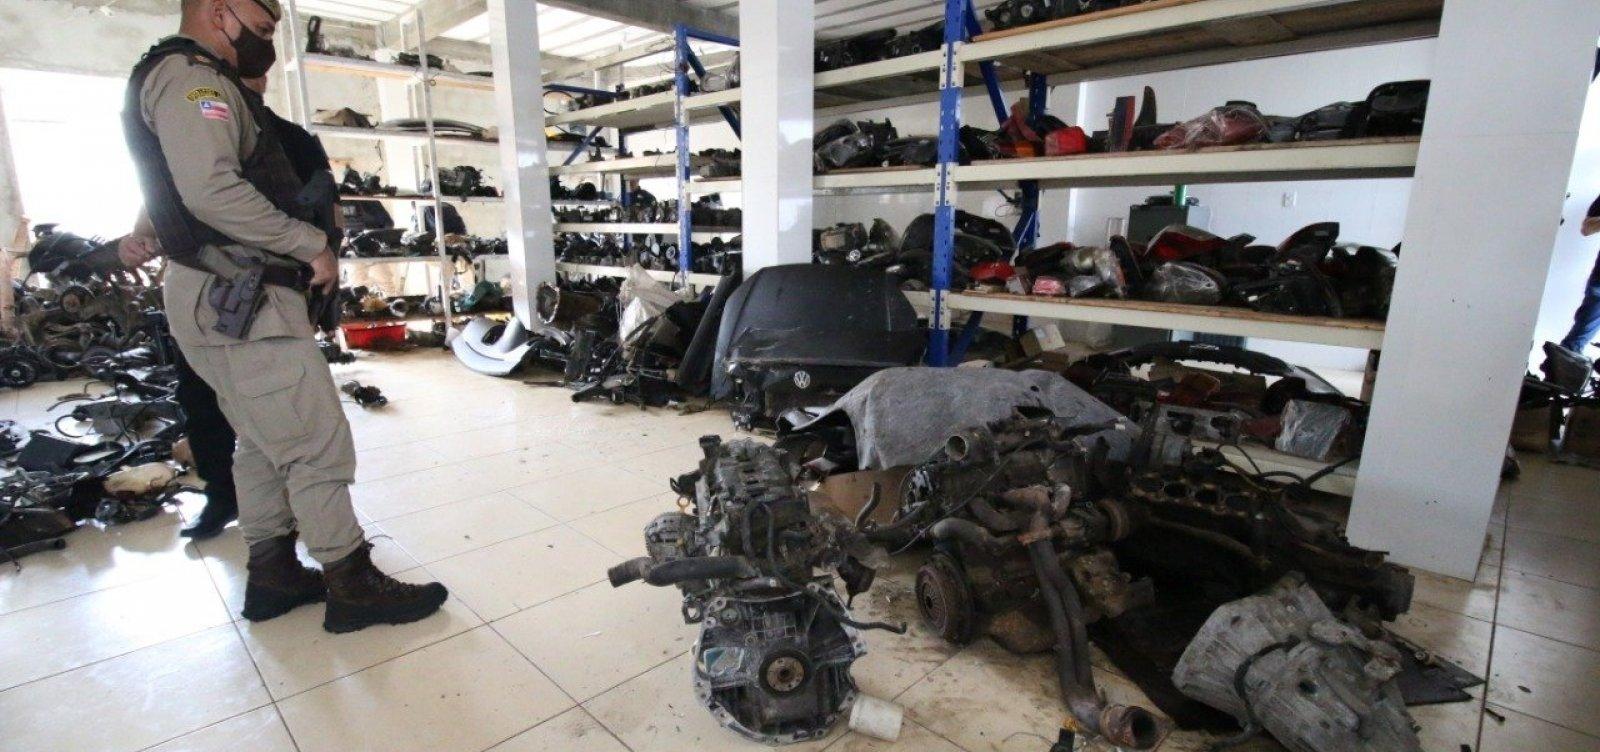 Cinco estabelecimentos são autuados por comércio ilegal de peças de veículos no Subúrbio